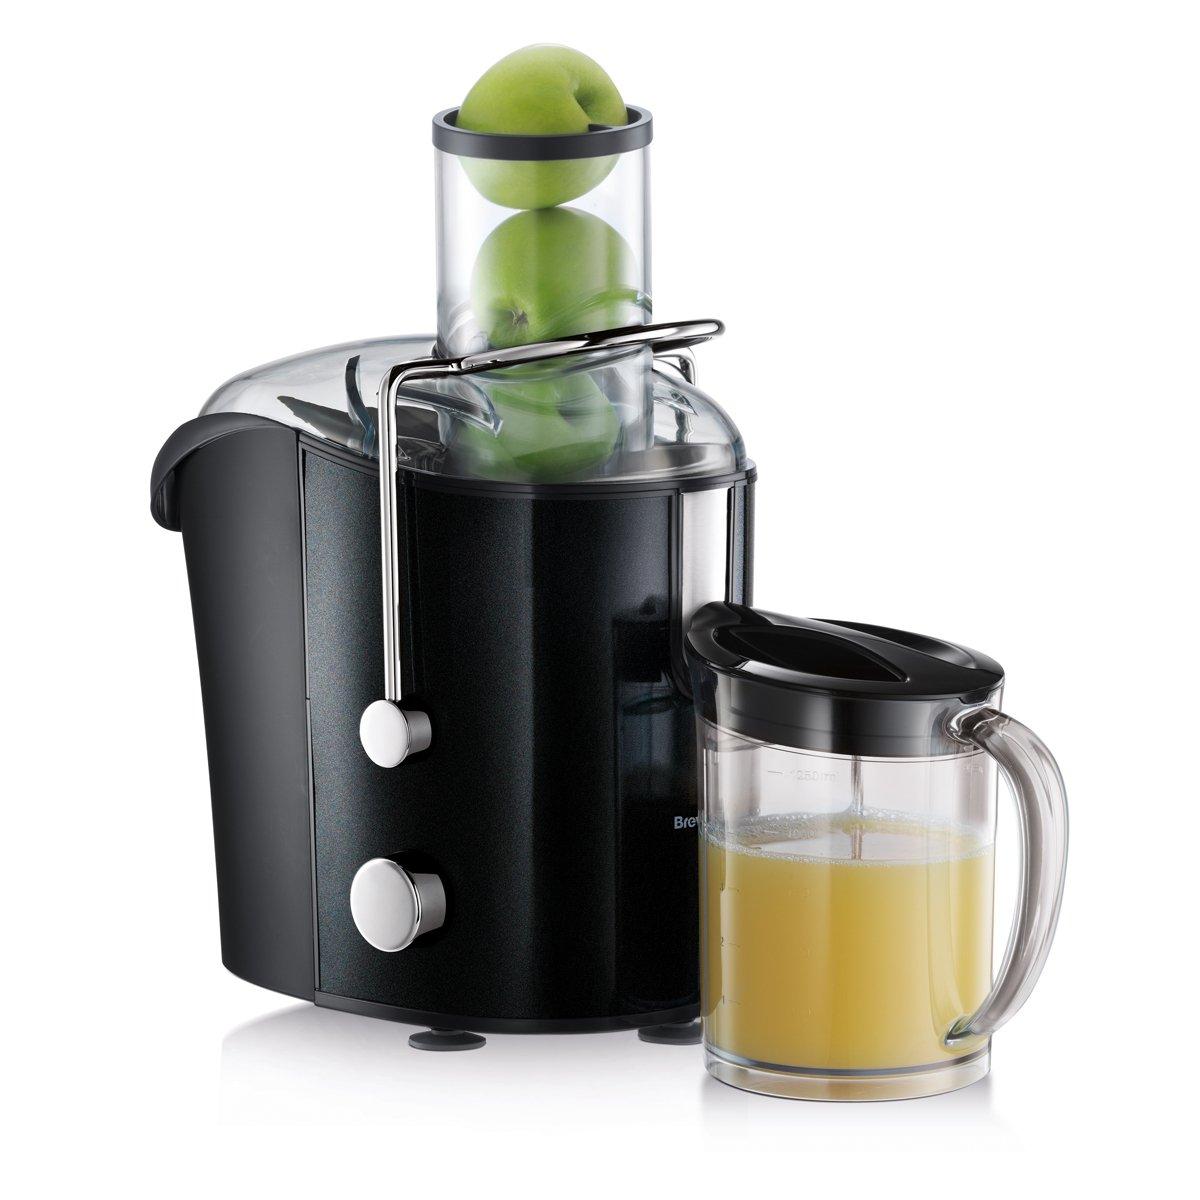 Breville Juicer Juice Whole Fruit And Vegetables Vfj016